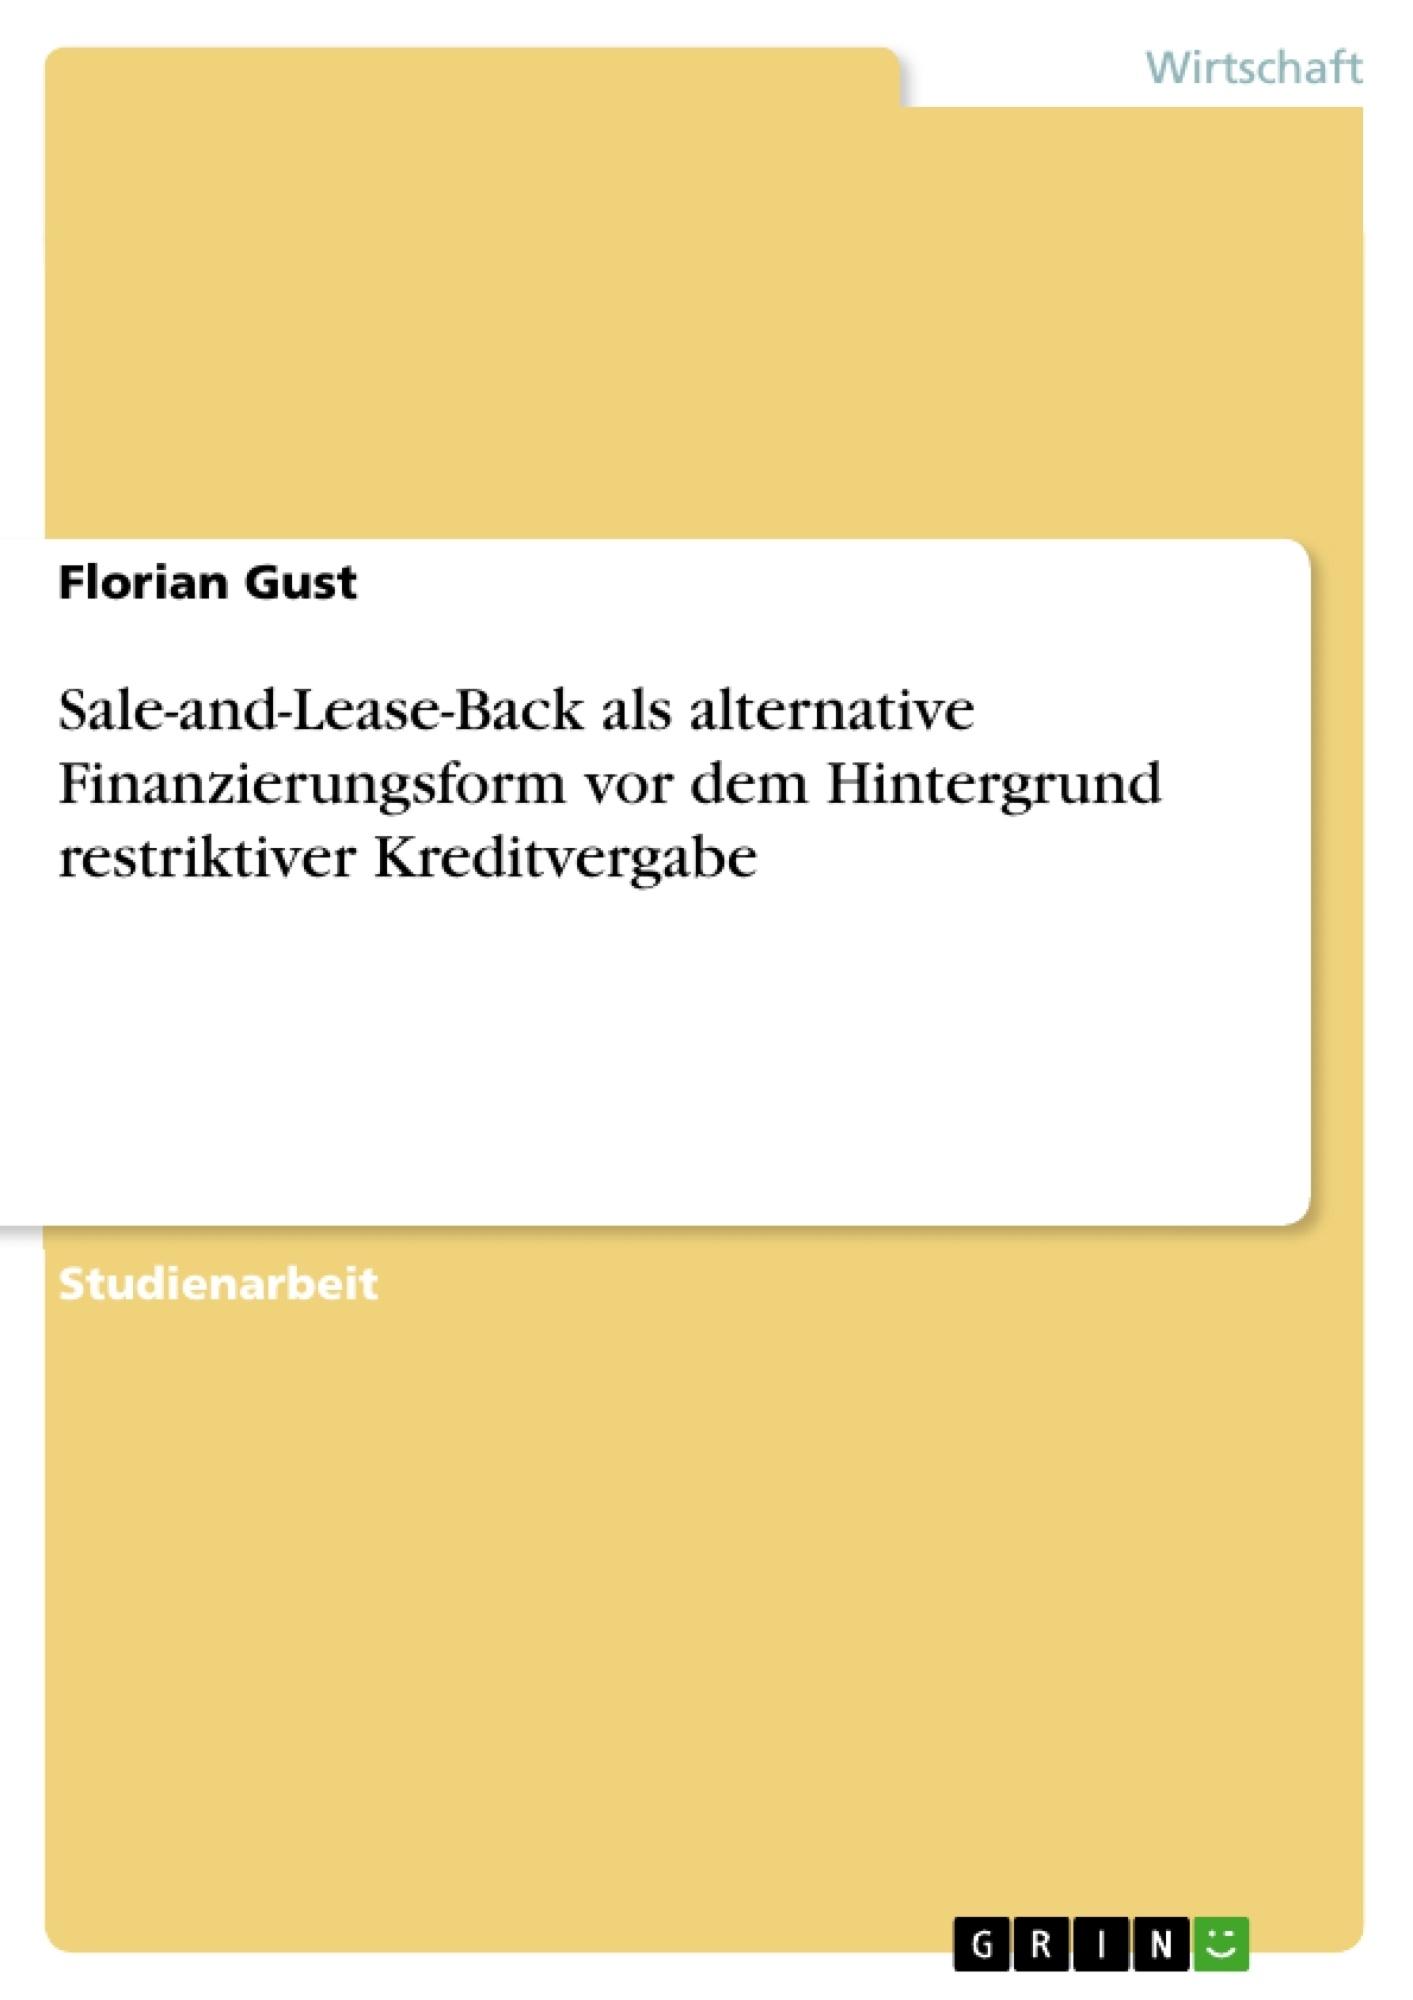 Titel: Sale-and-Lease-Back als alternative Finanzierungsform vor dem Hintergrund restriktiver Kreditvergabe